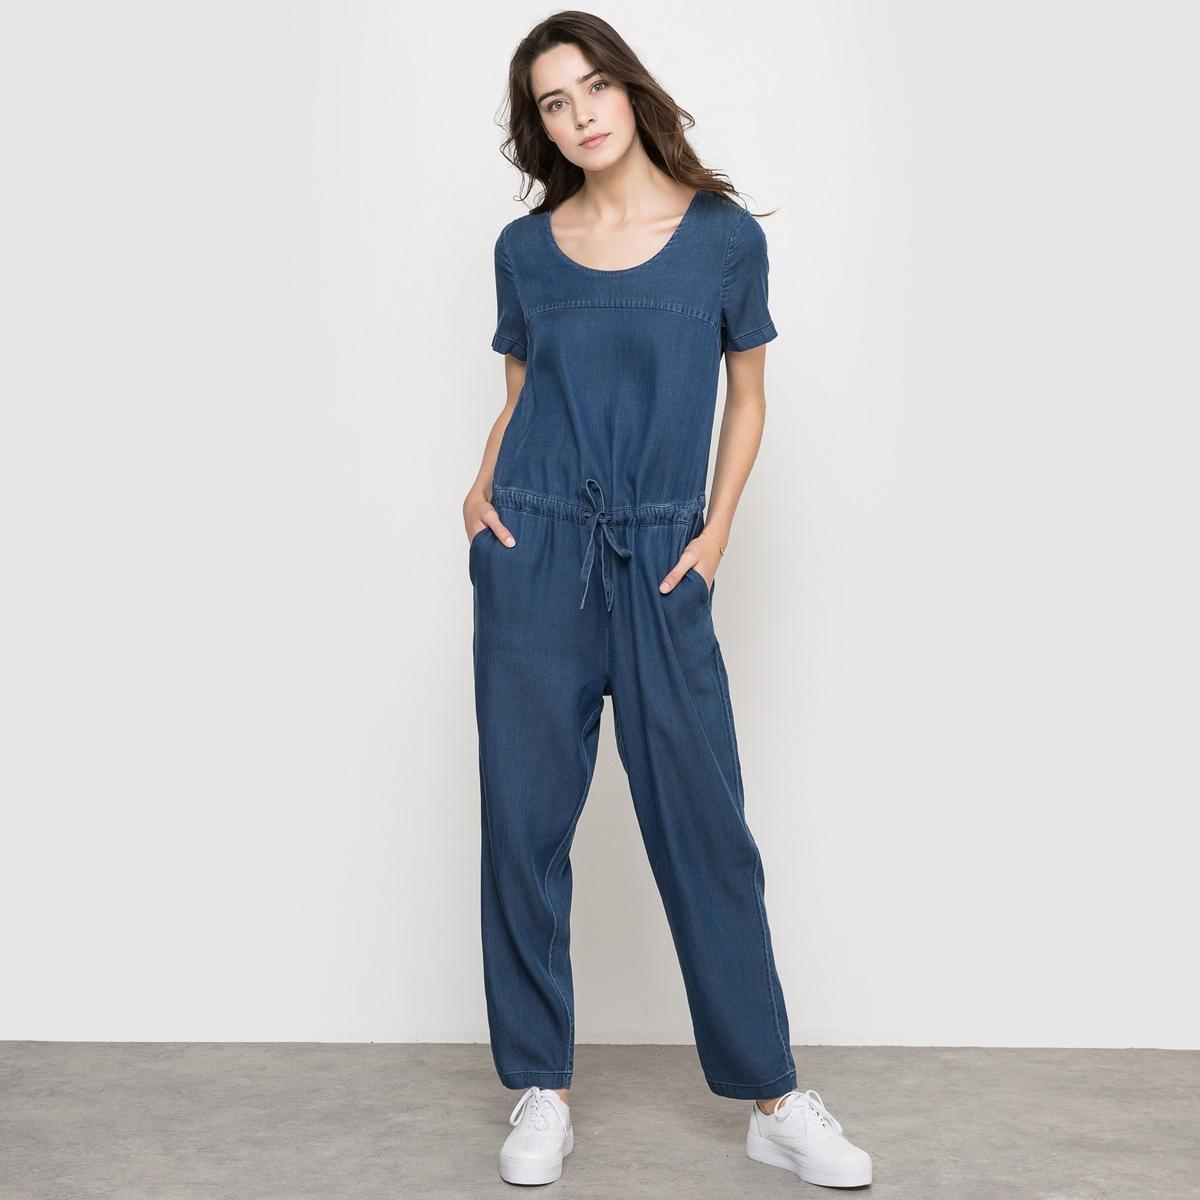 Комбинезон из ткани под джинсу от La Redoute